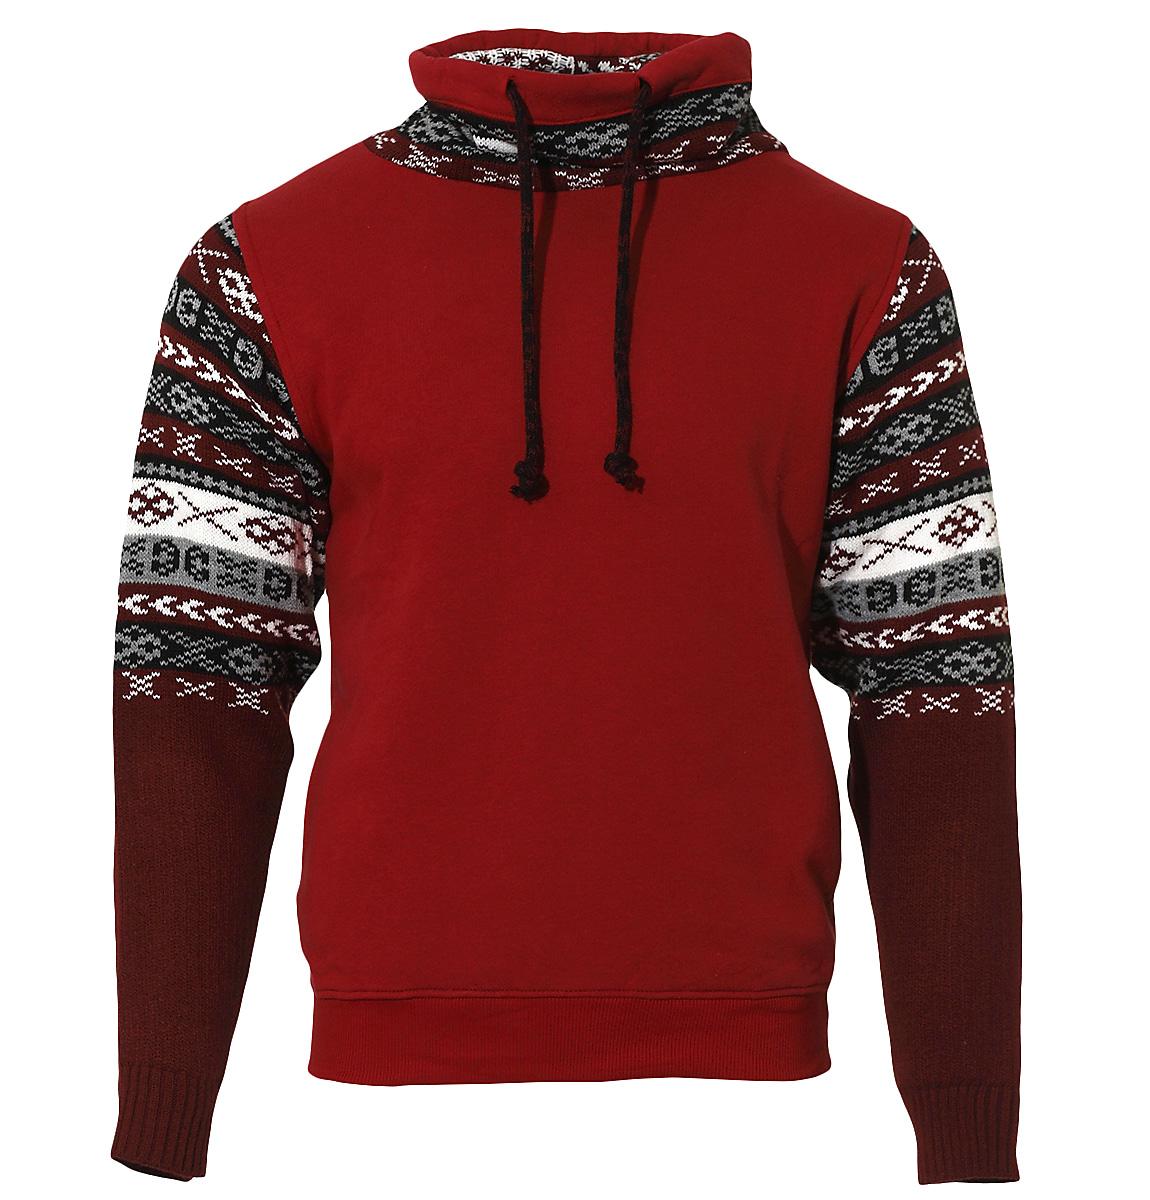 Ανδρικό Φούτερ Knitwear Sleeves-Μπορντό αρχική ανδρικά ρούχα φούτερ